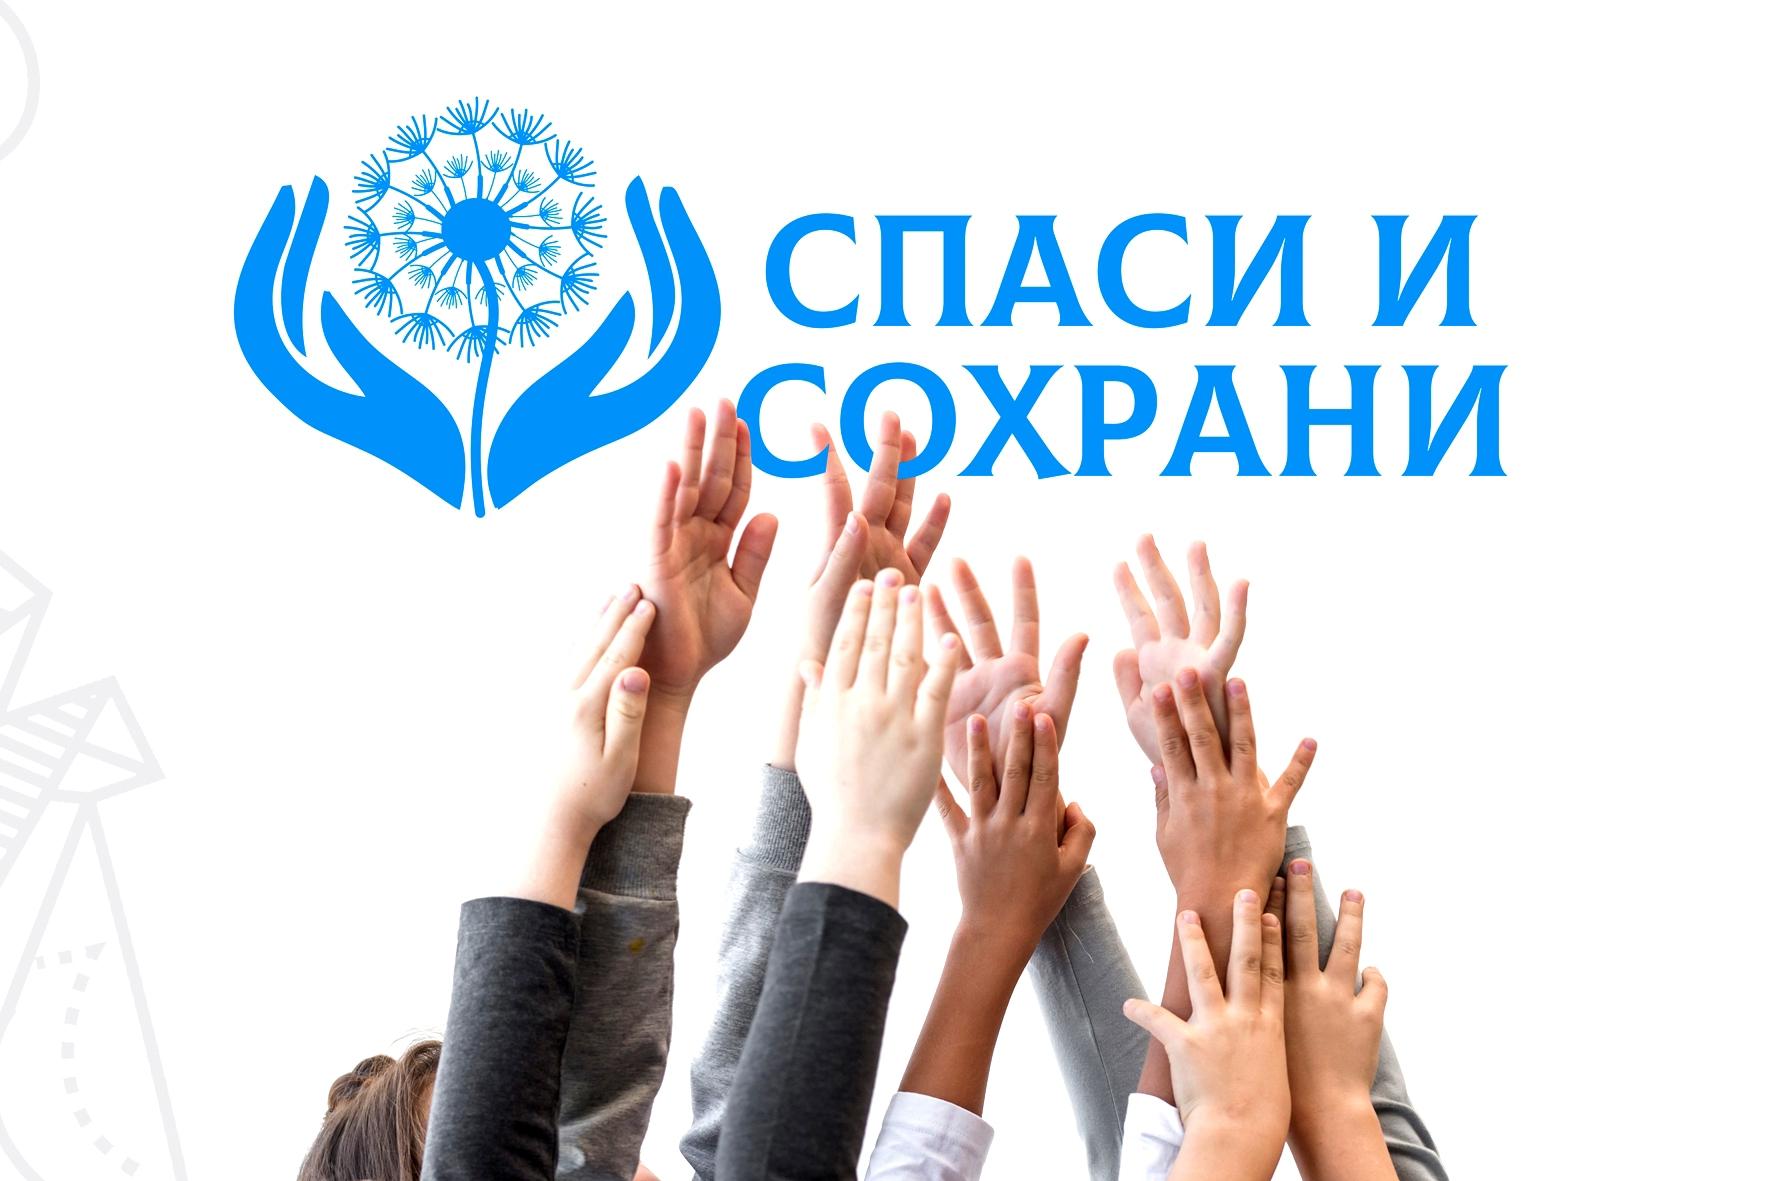 В Новороссийске провели благотворительный марафон